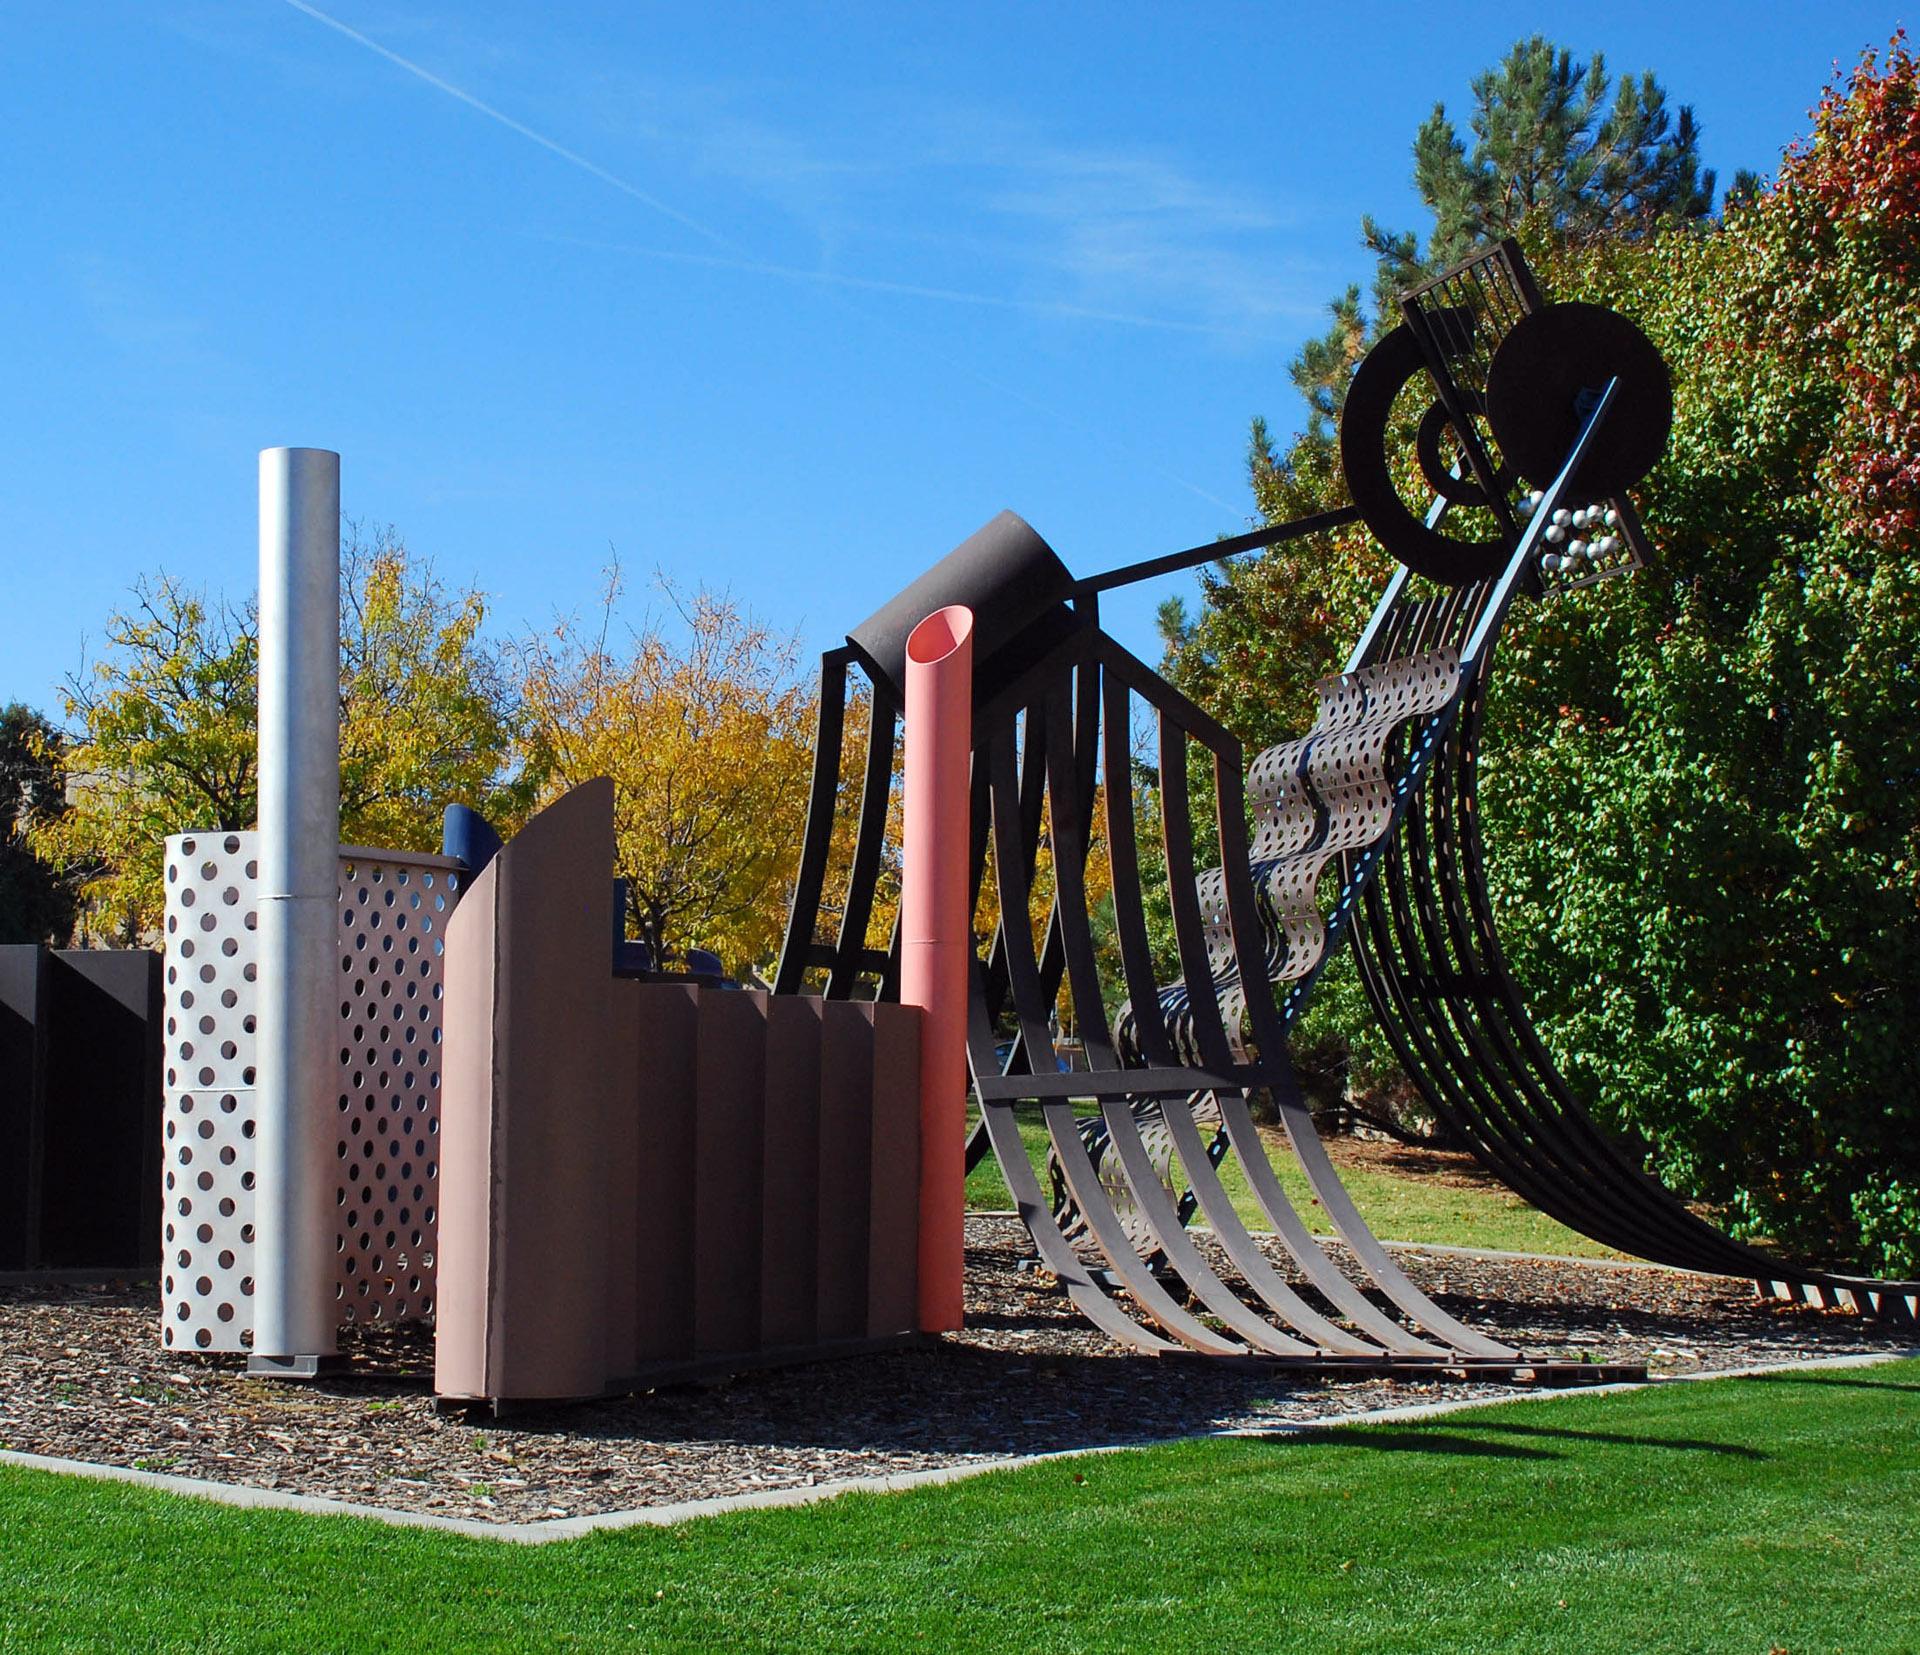 Albuquerque Public Art